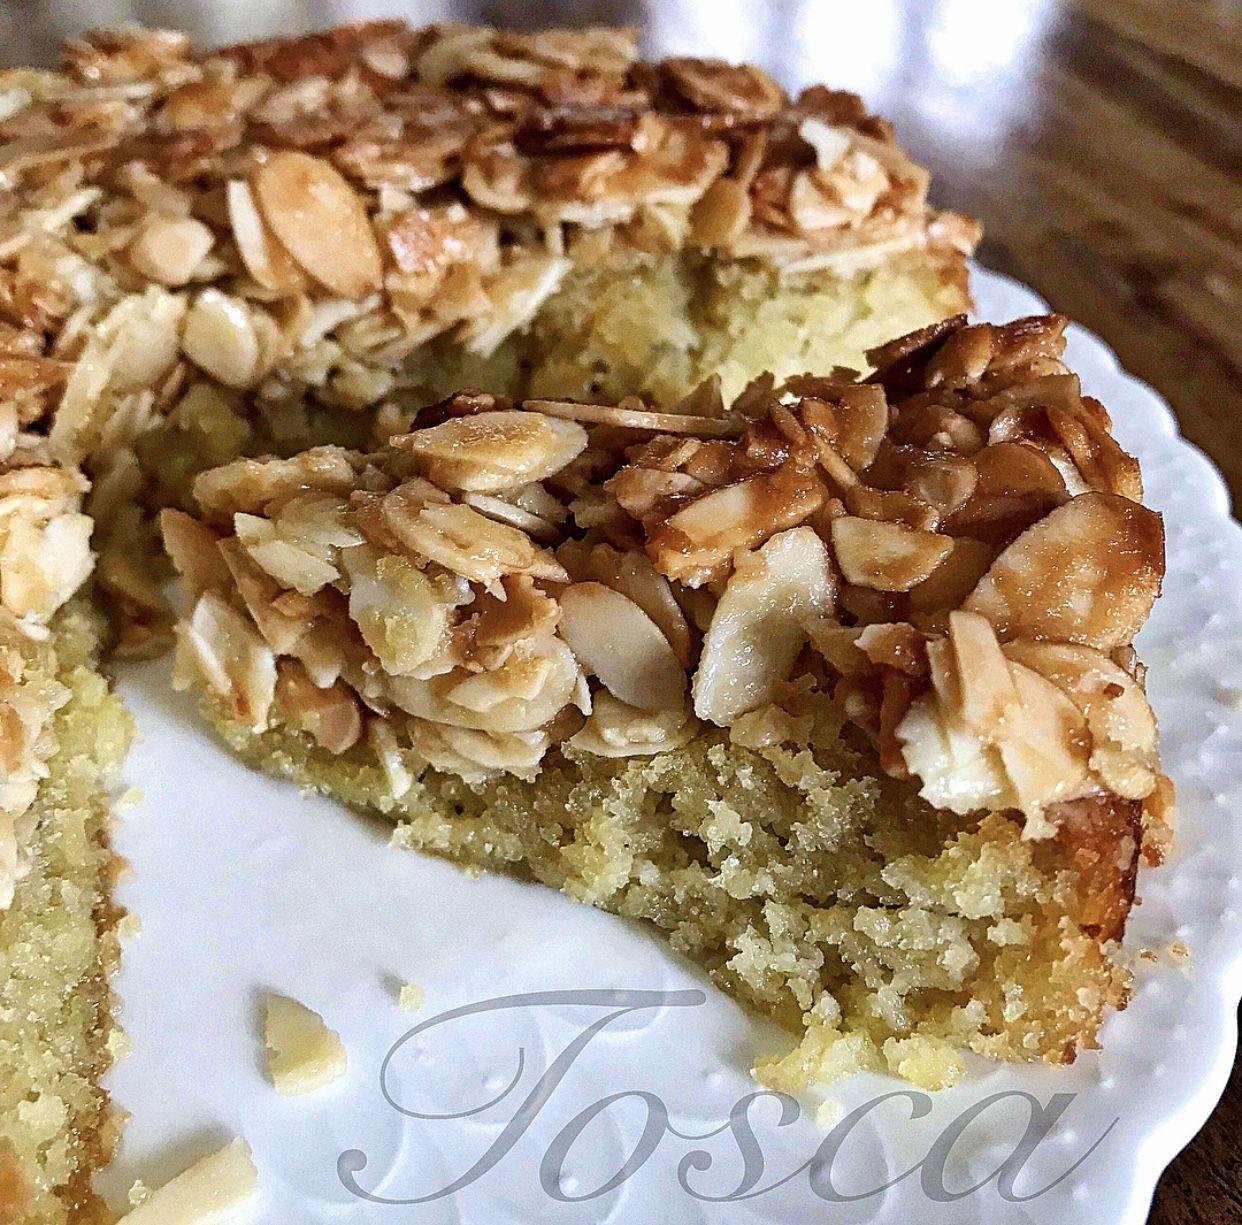 Keto tosca cake keto dessert low carb desserts keto cake